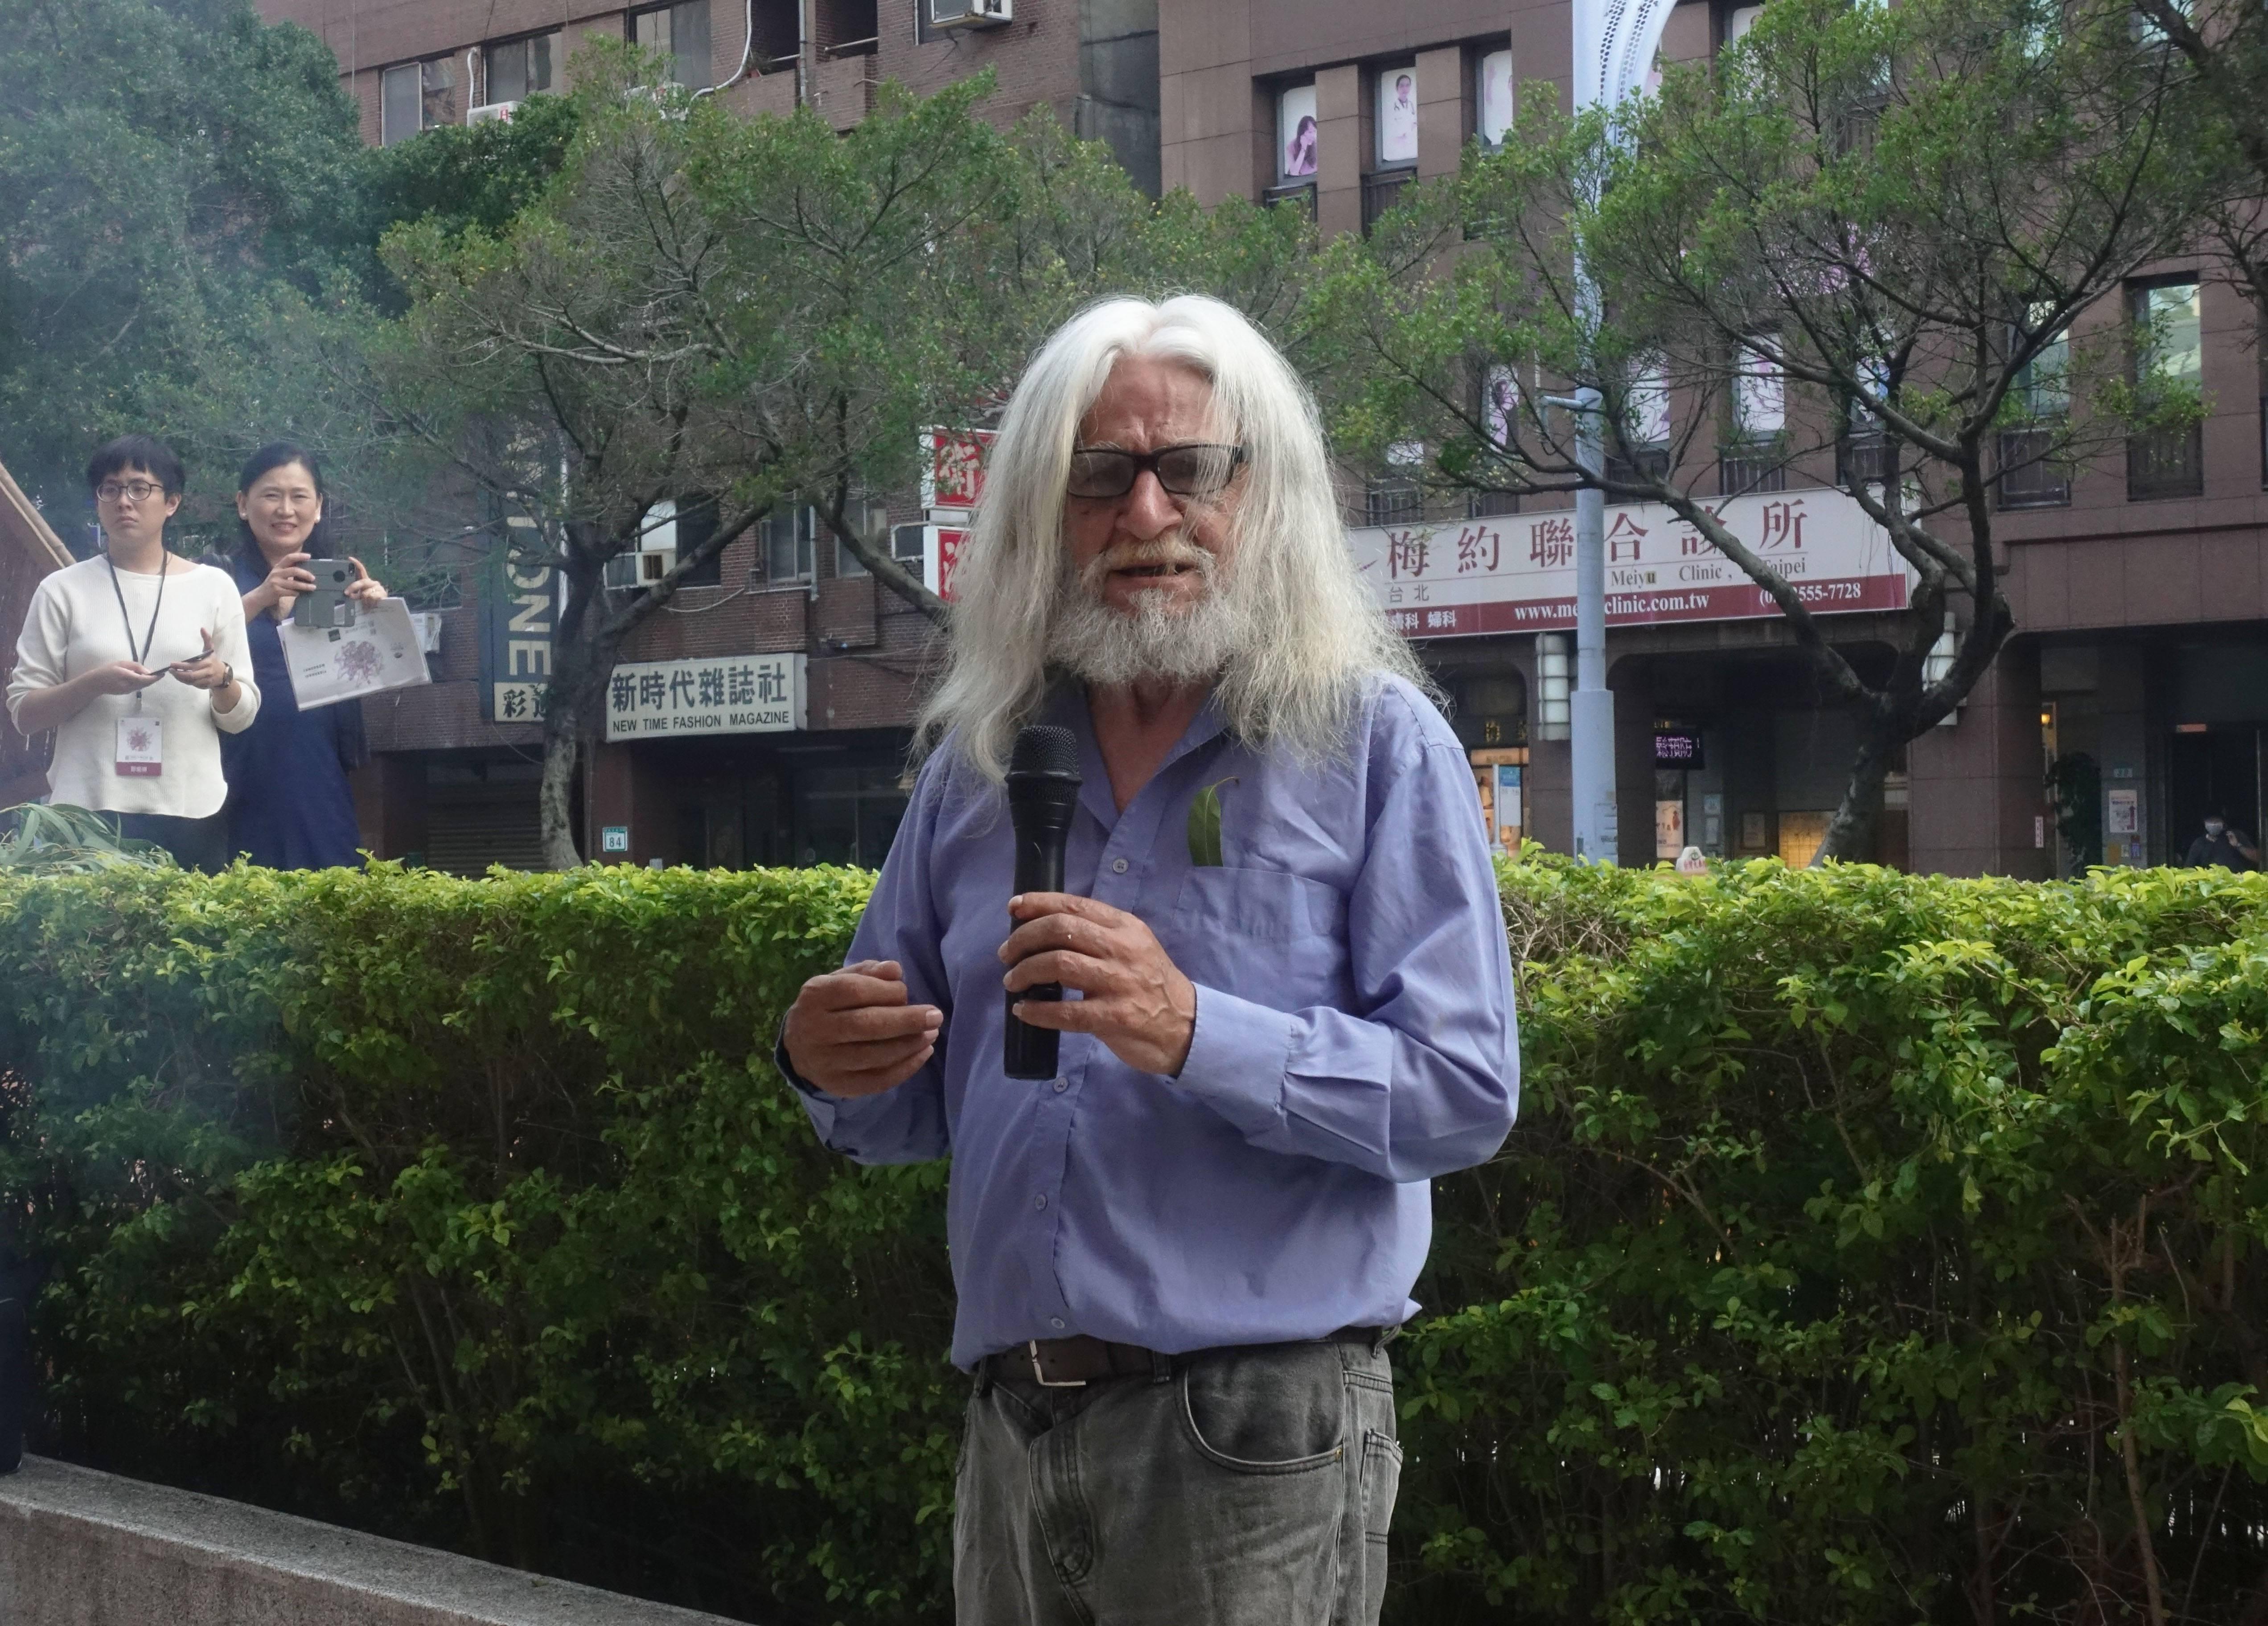 澳洲原住民長老賴瑞.沃許(Uncle LarryWalsh)與媒體記者朋友解釋說明祈福儀式。